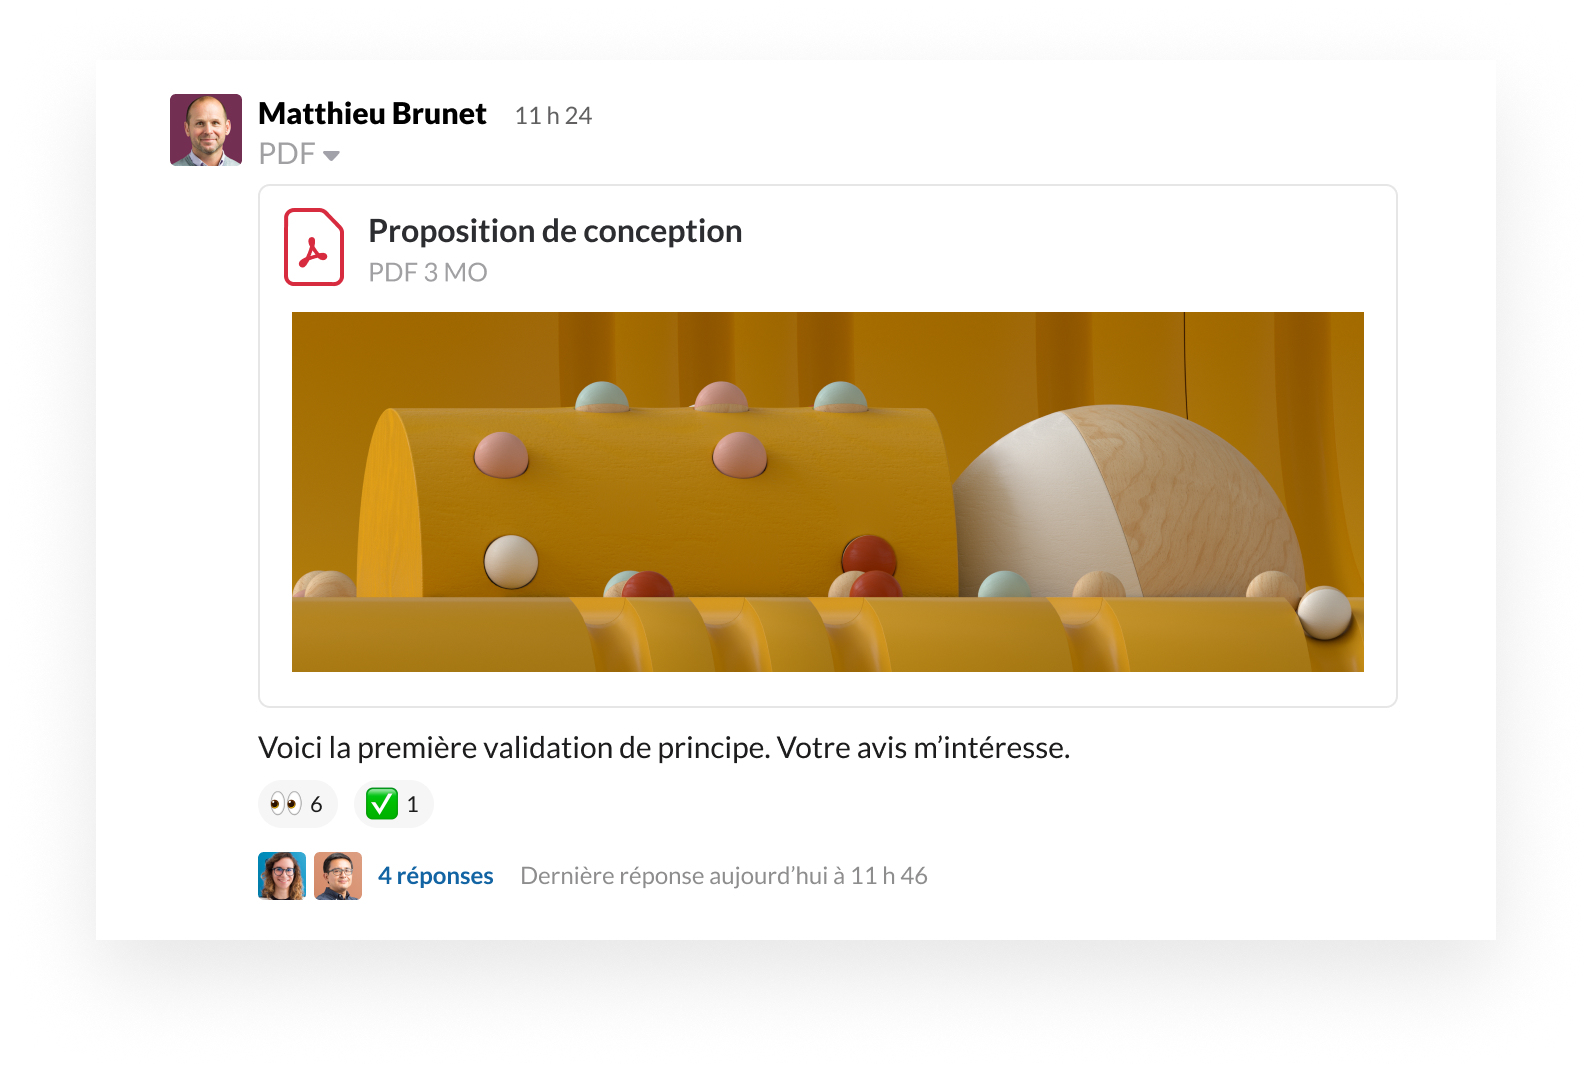 Interface de produit Slack qui montre comment partager un fichier et donner son avis